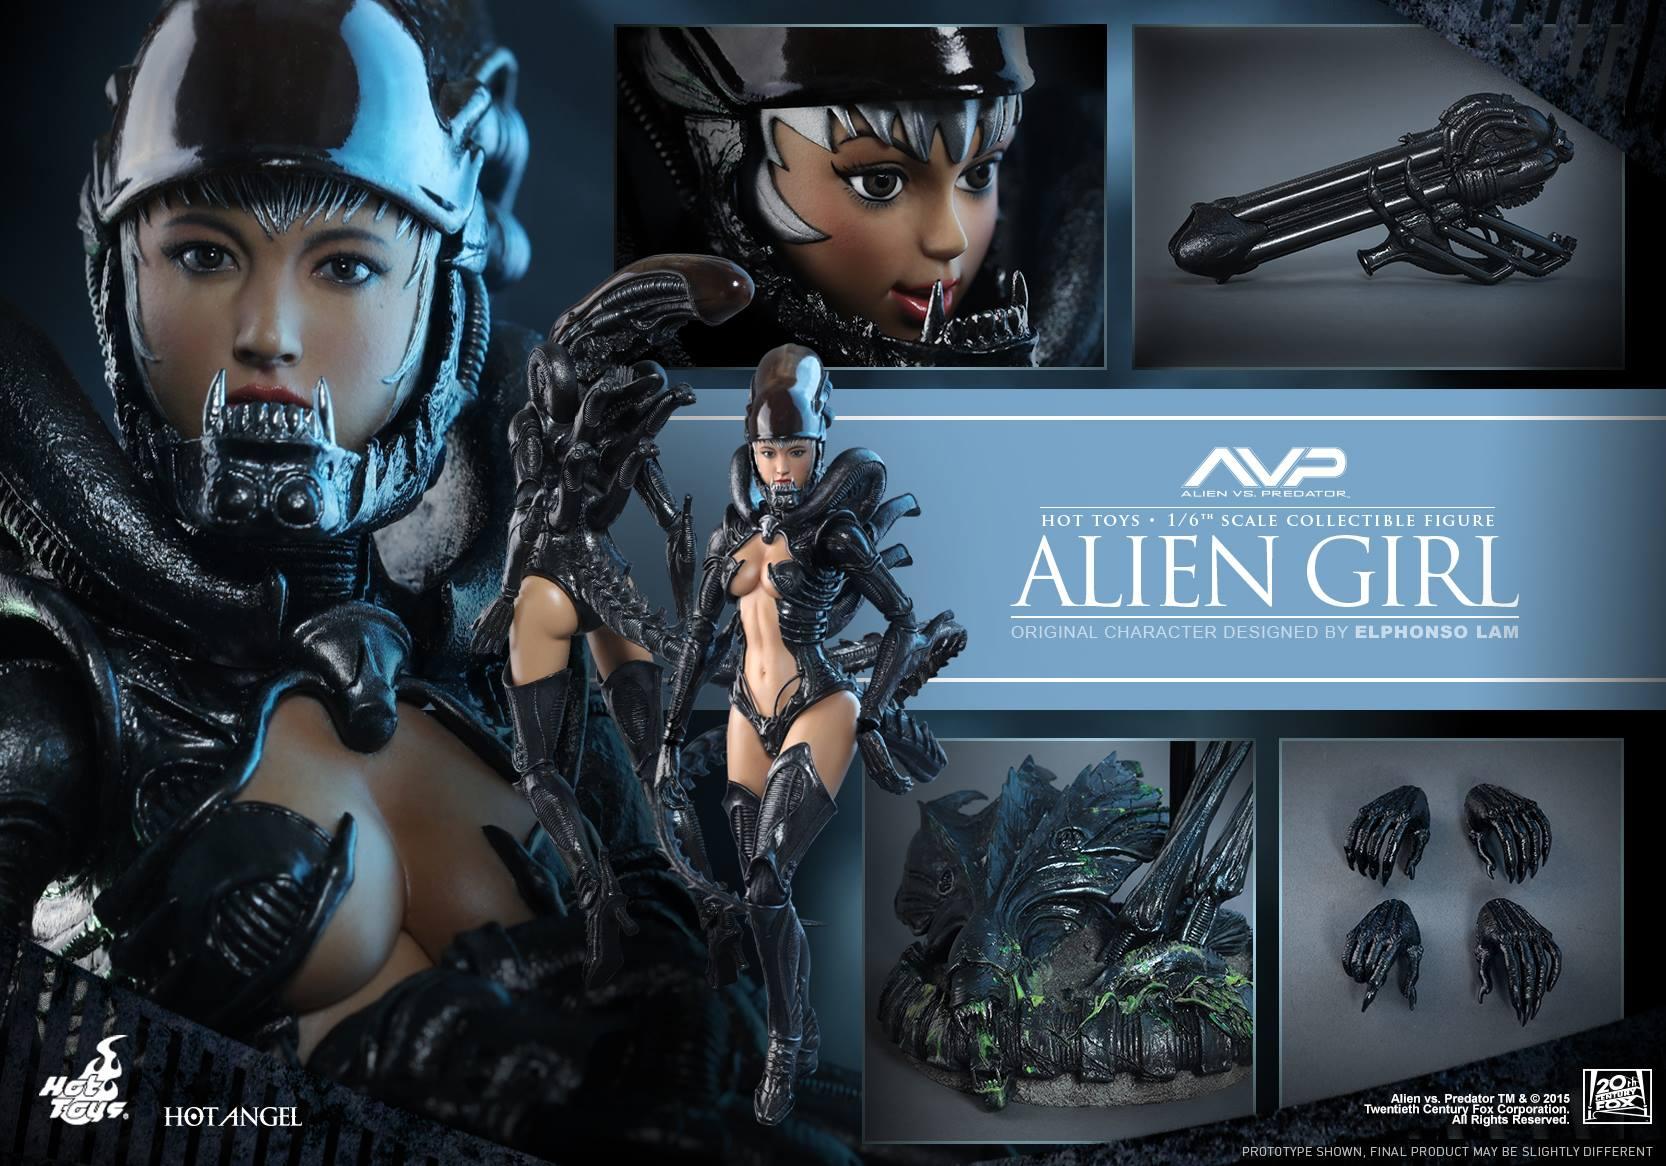 HOT TOYS - AVP - Alien Girl 398993120